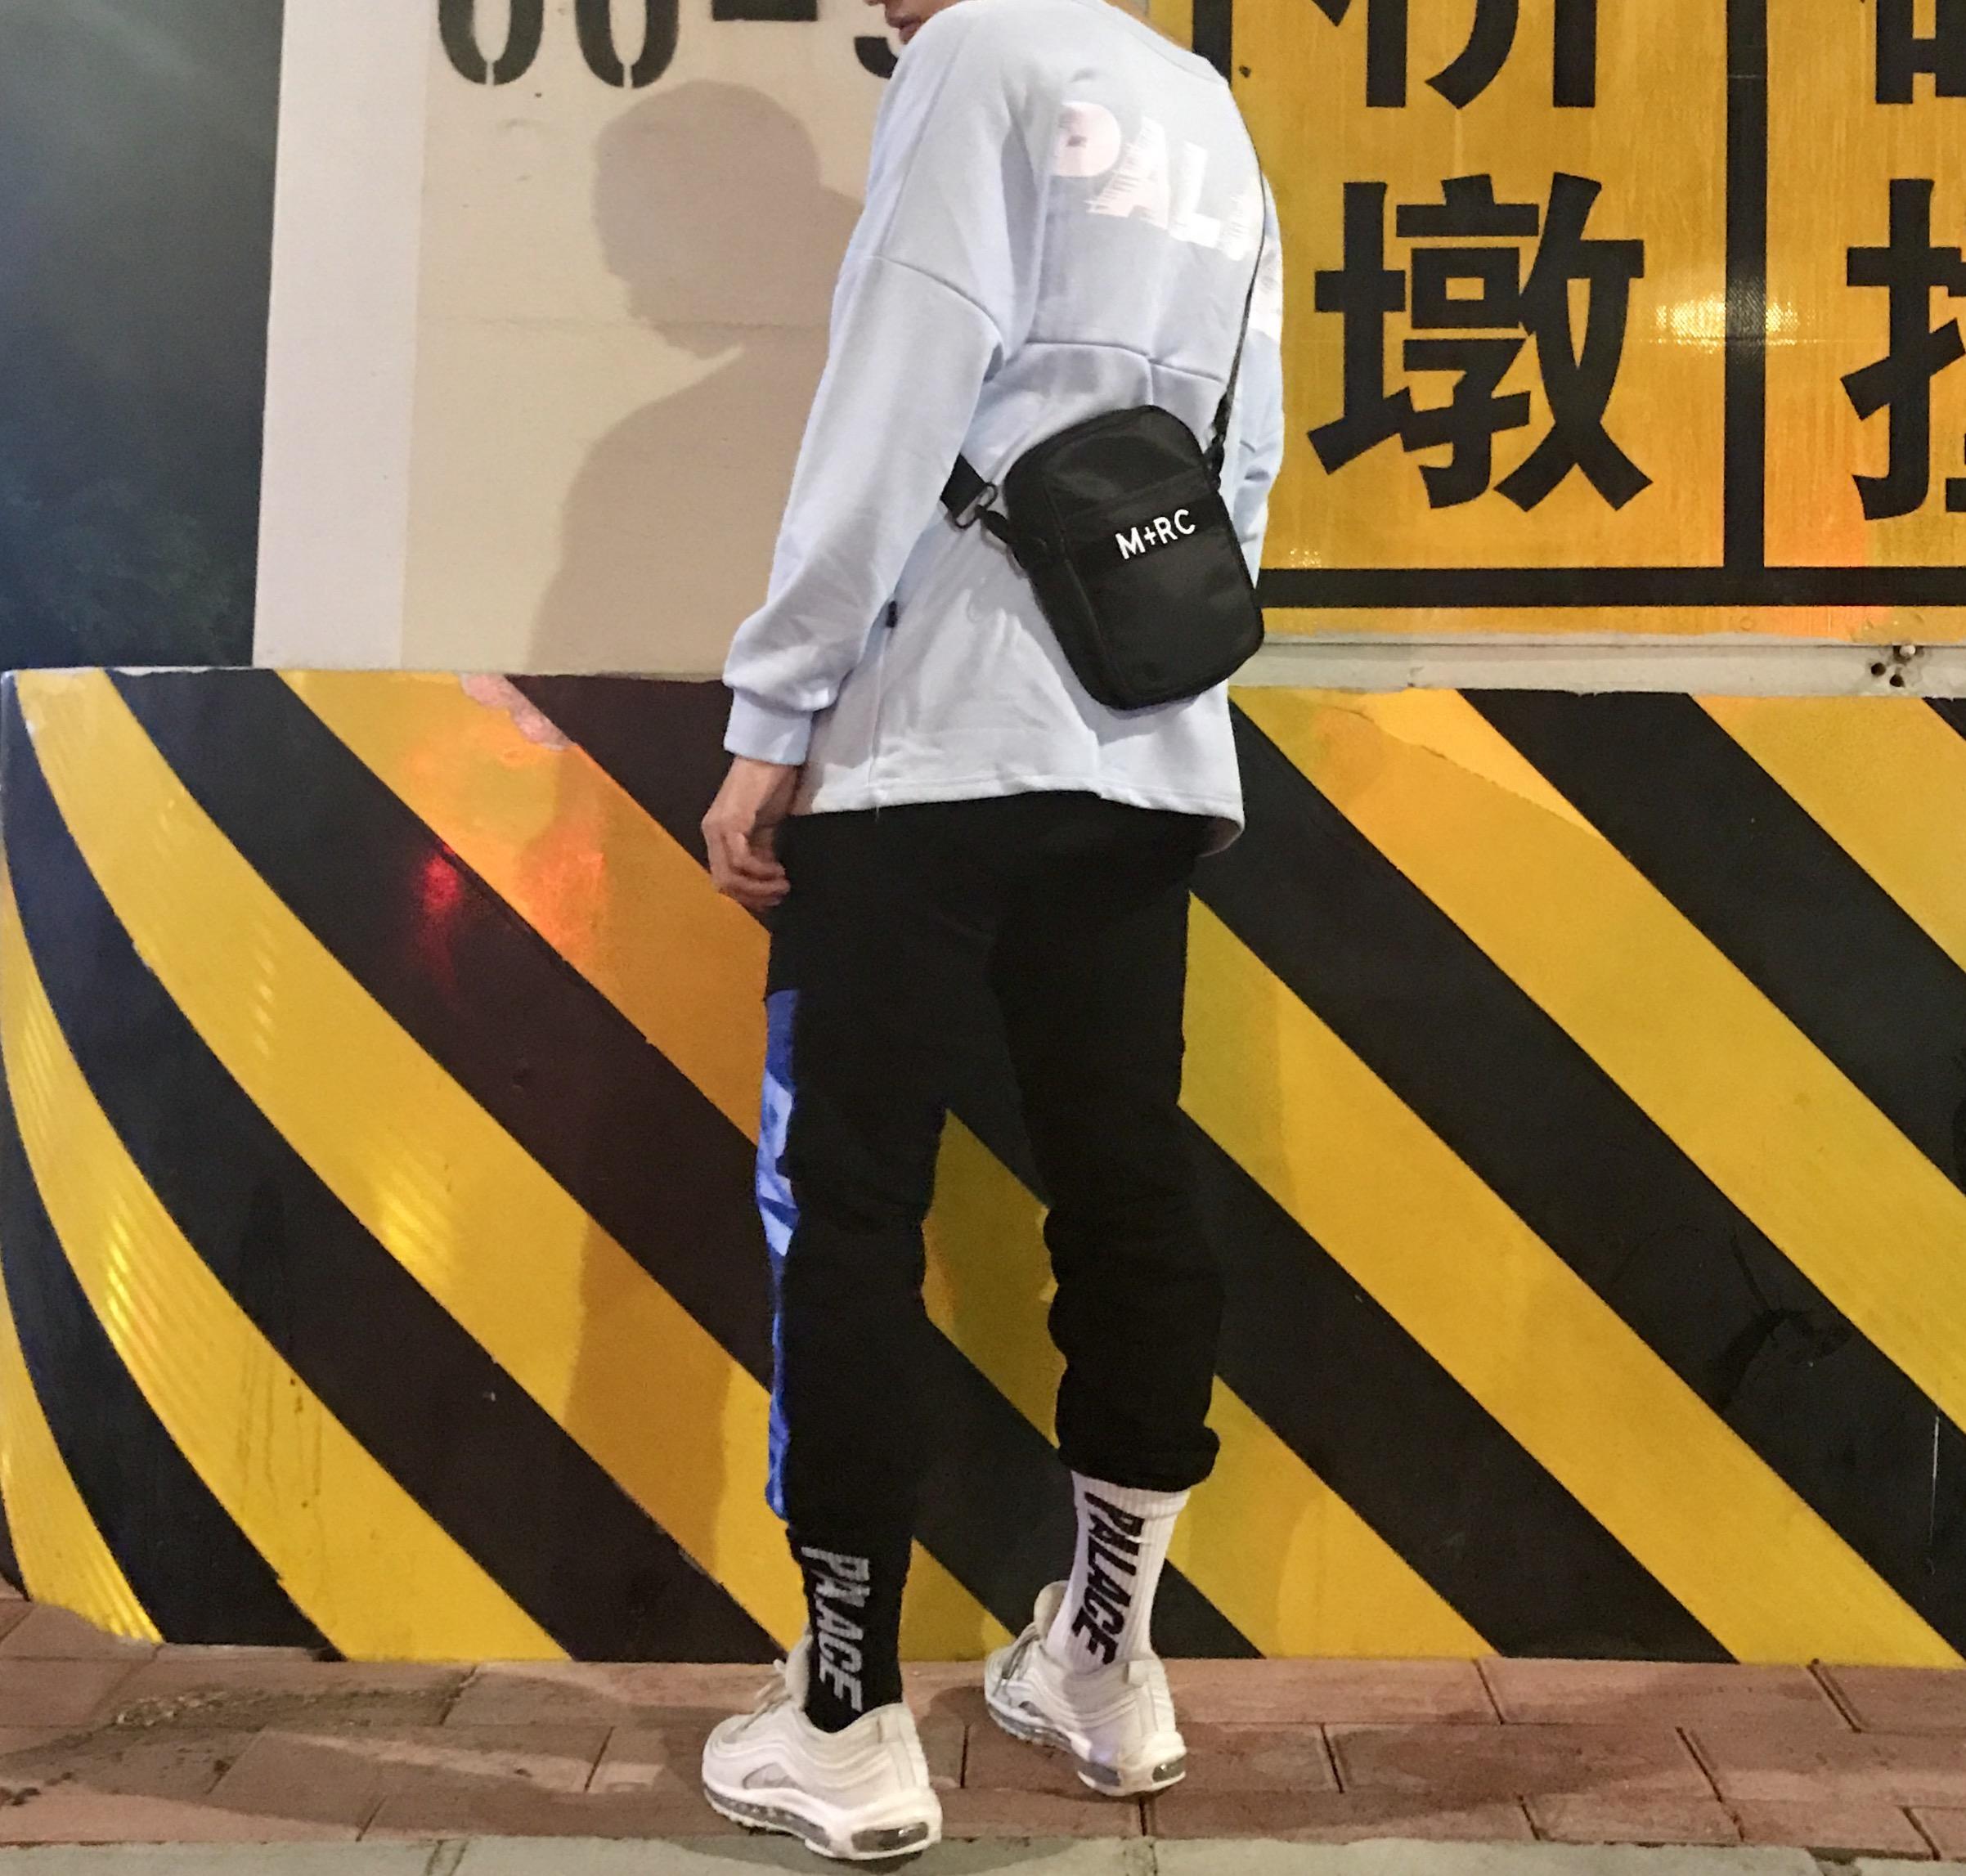 17 SS PALACE CUỘC SỐNG thể thao giản dị quần thẳng chân quần chân quần hip hop đường phố nam giới và phụ nữ